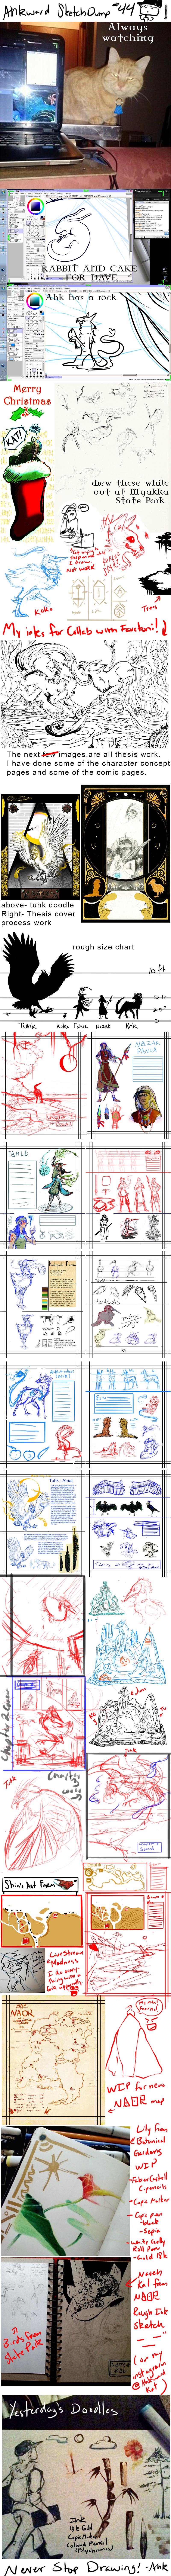 Sketchdump #44 by Ahkward